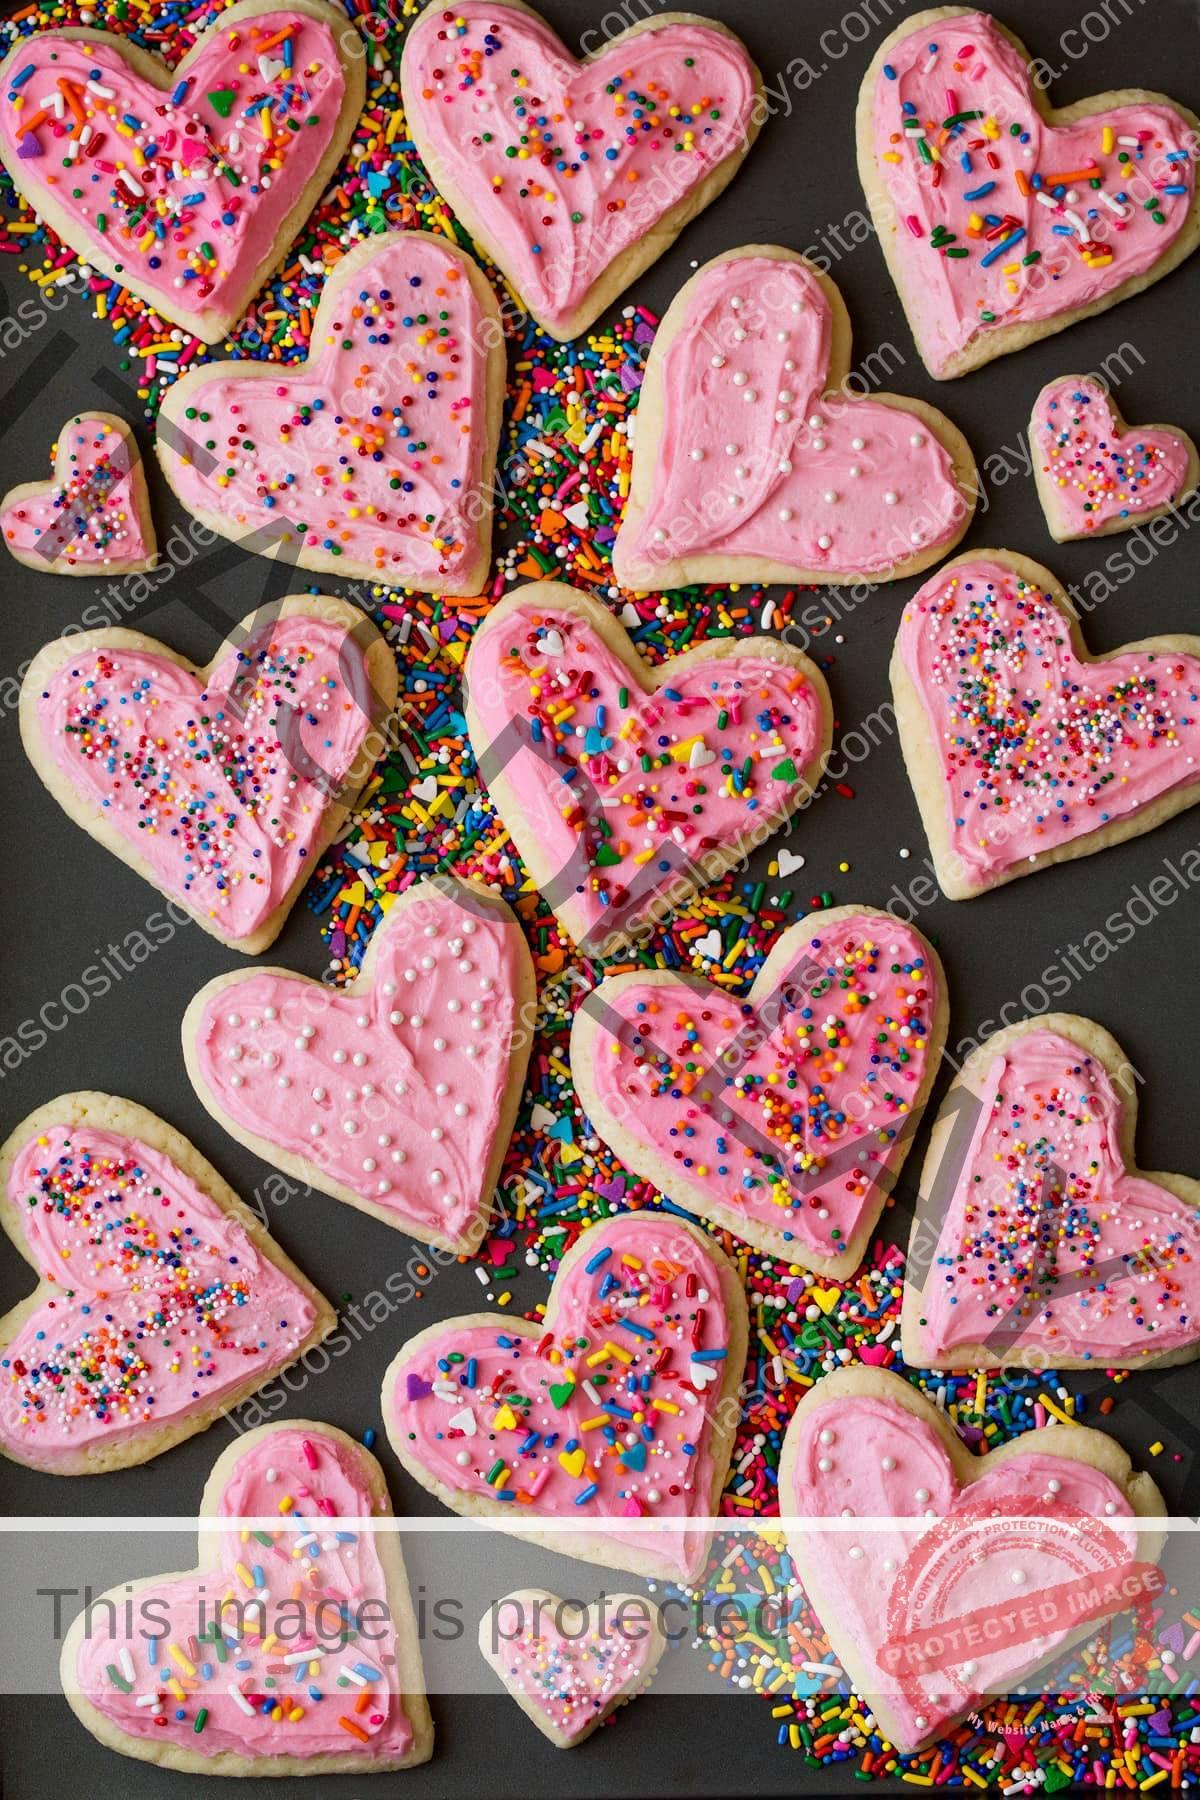 Corte de galletas de azúcar glas suave en forma de corazón